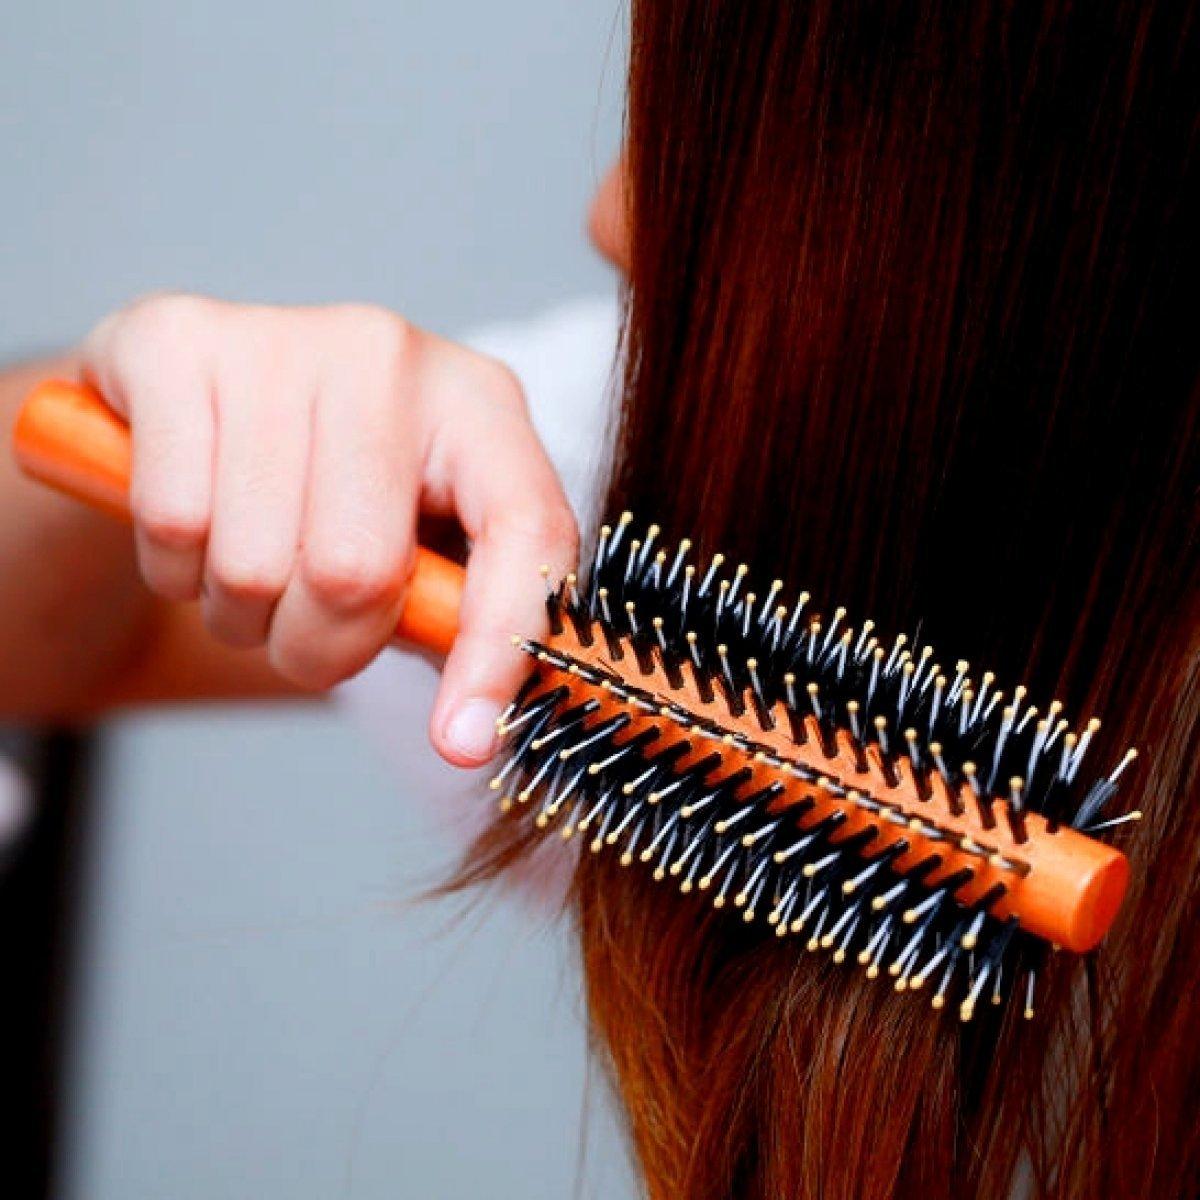 Βούρτσες μαλλιών | Mymegamarket.gr